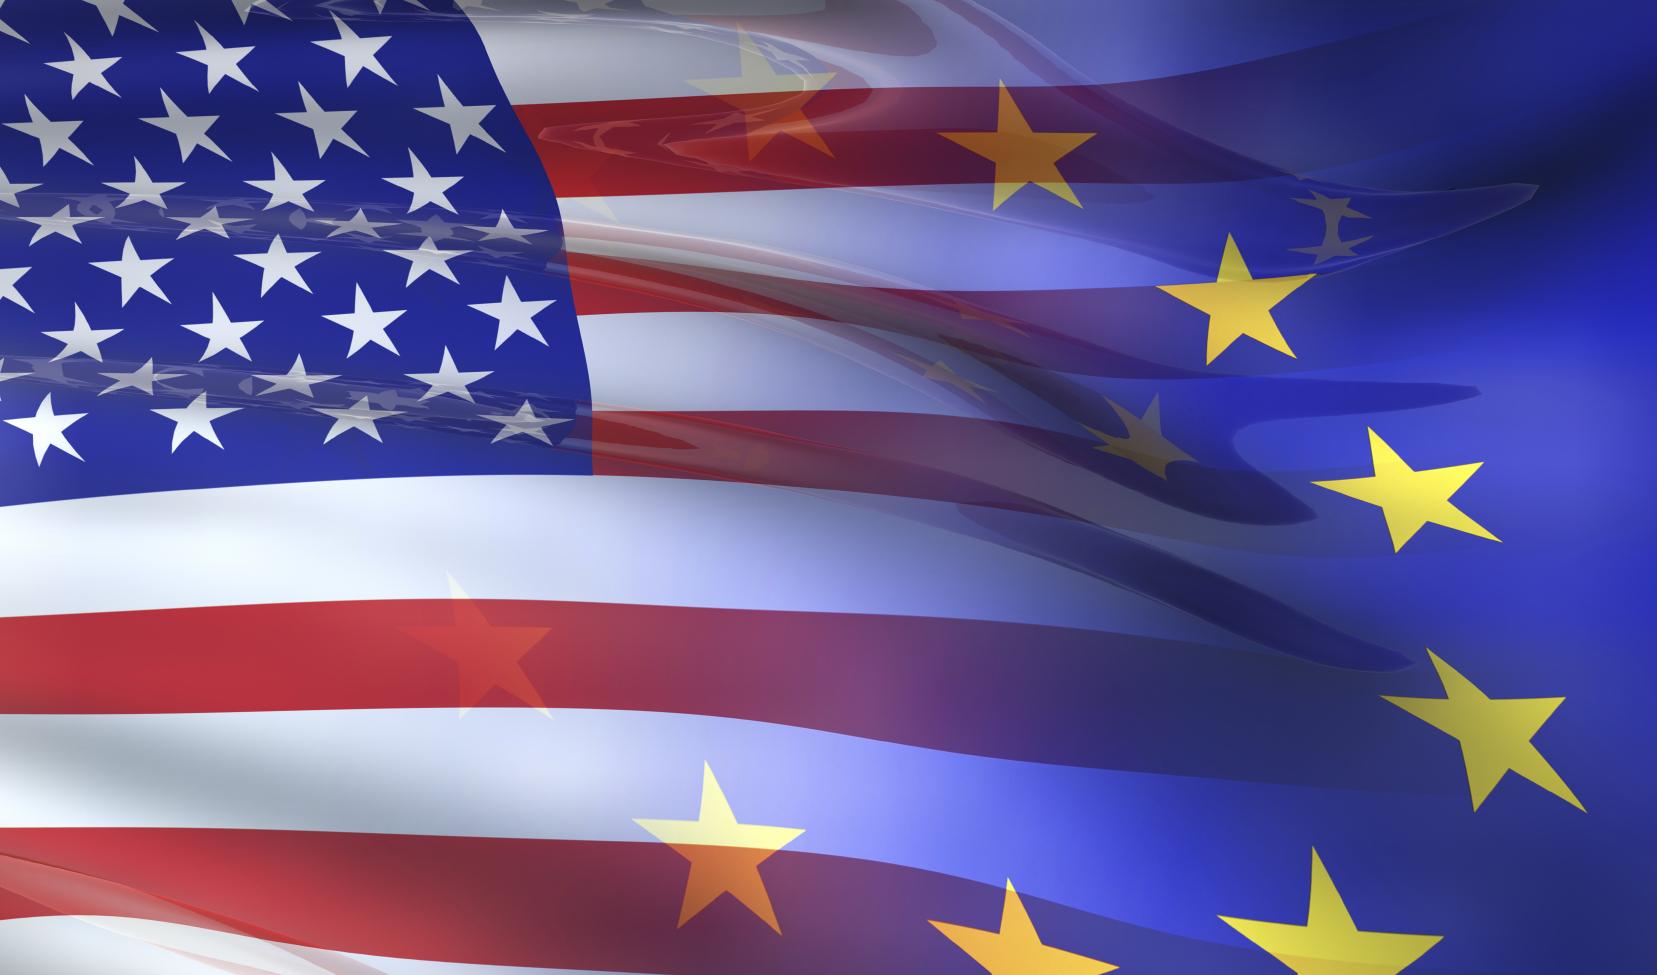 افشای مذاکرات محرمانه آمریکا و اروپا درباره برجام